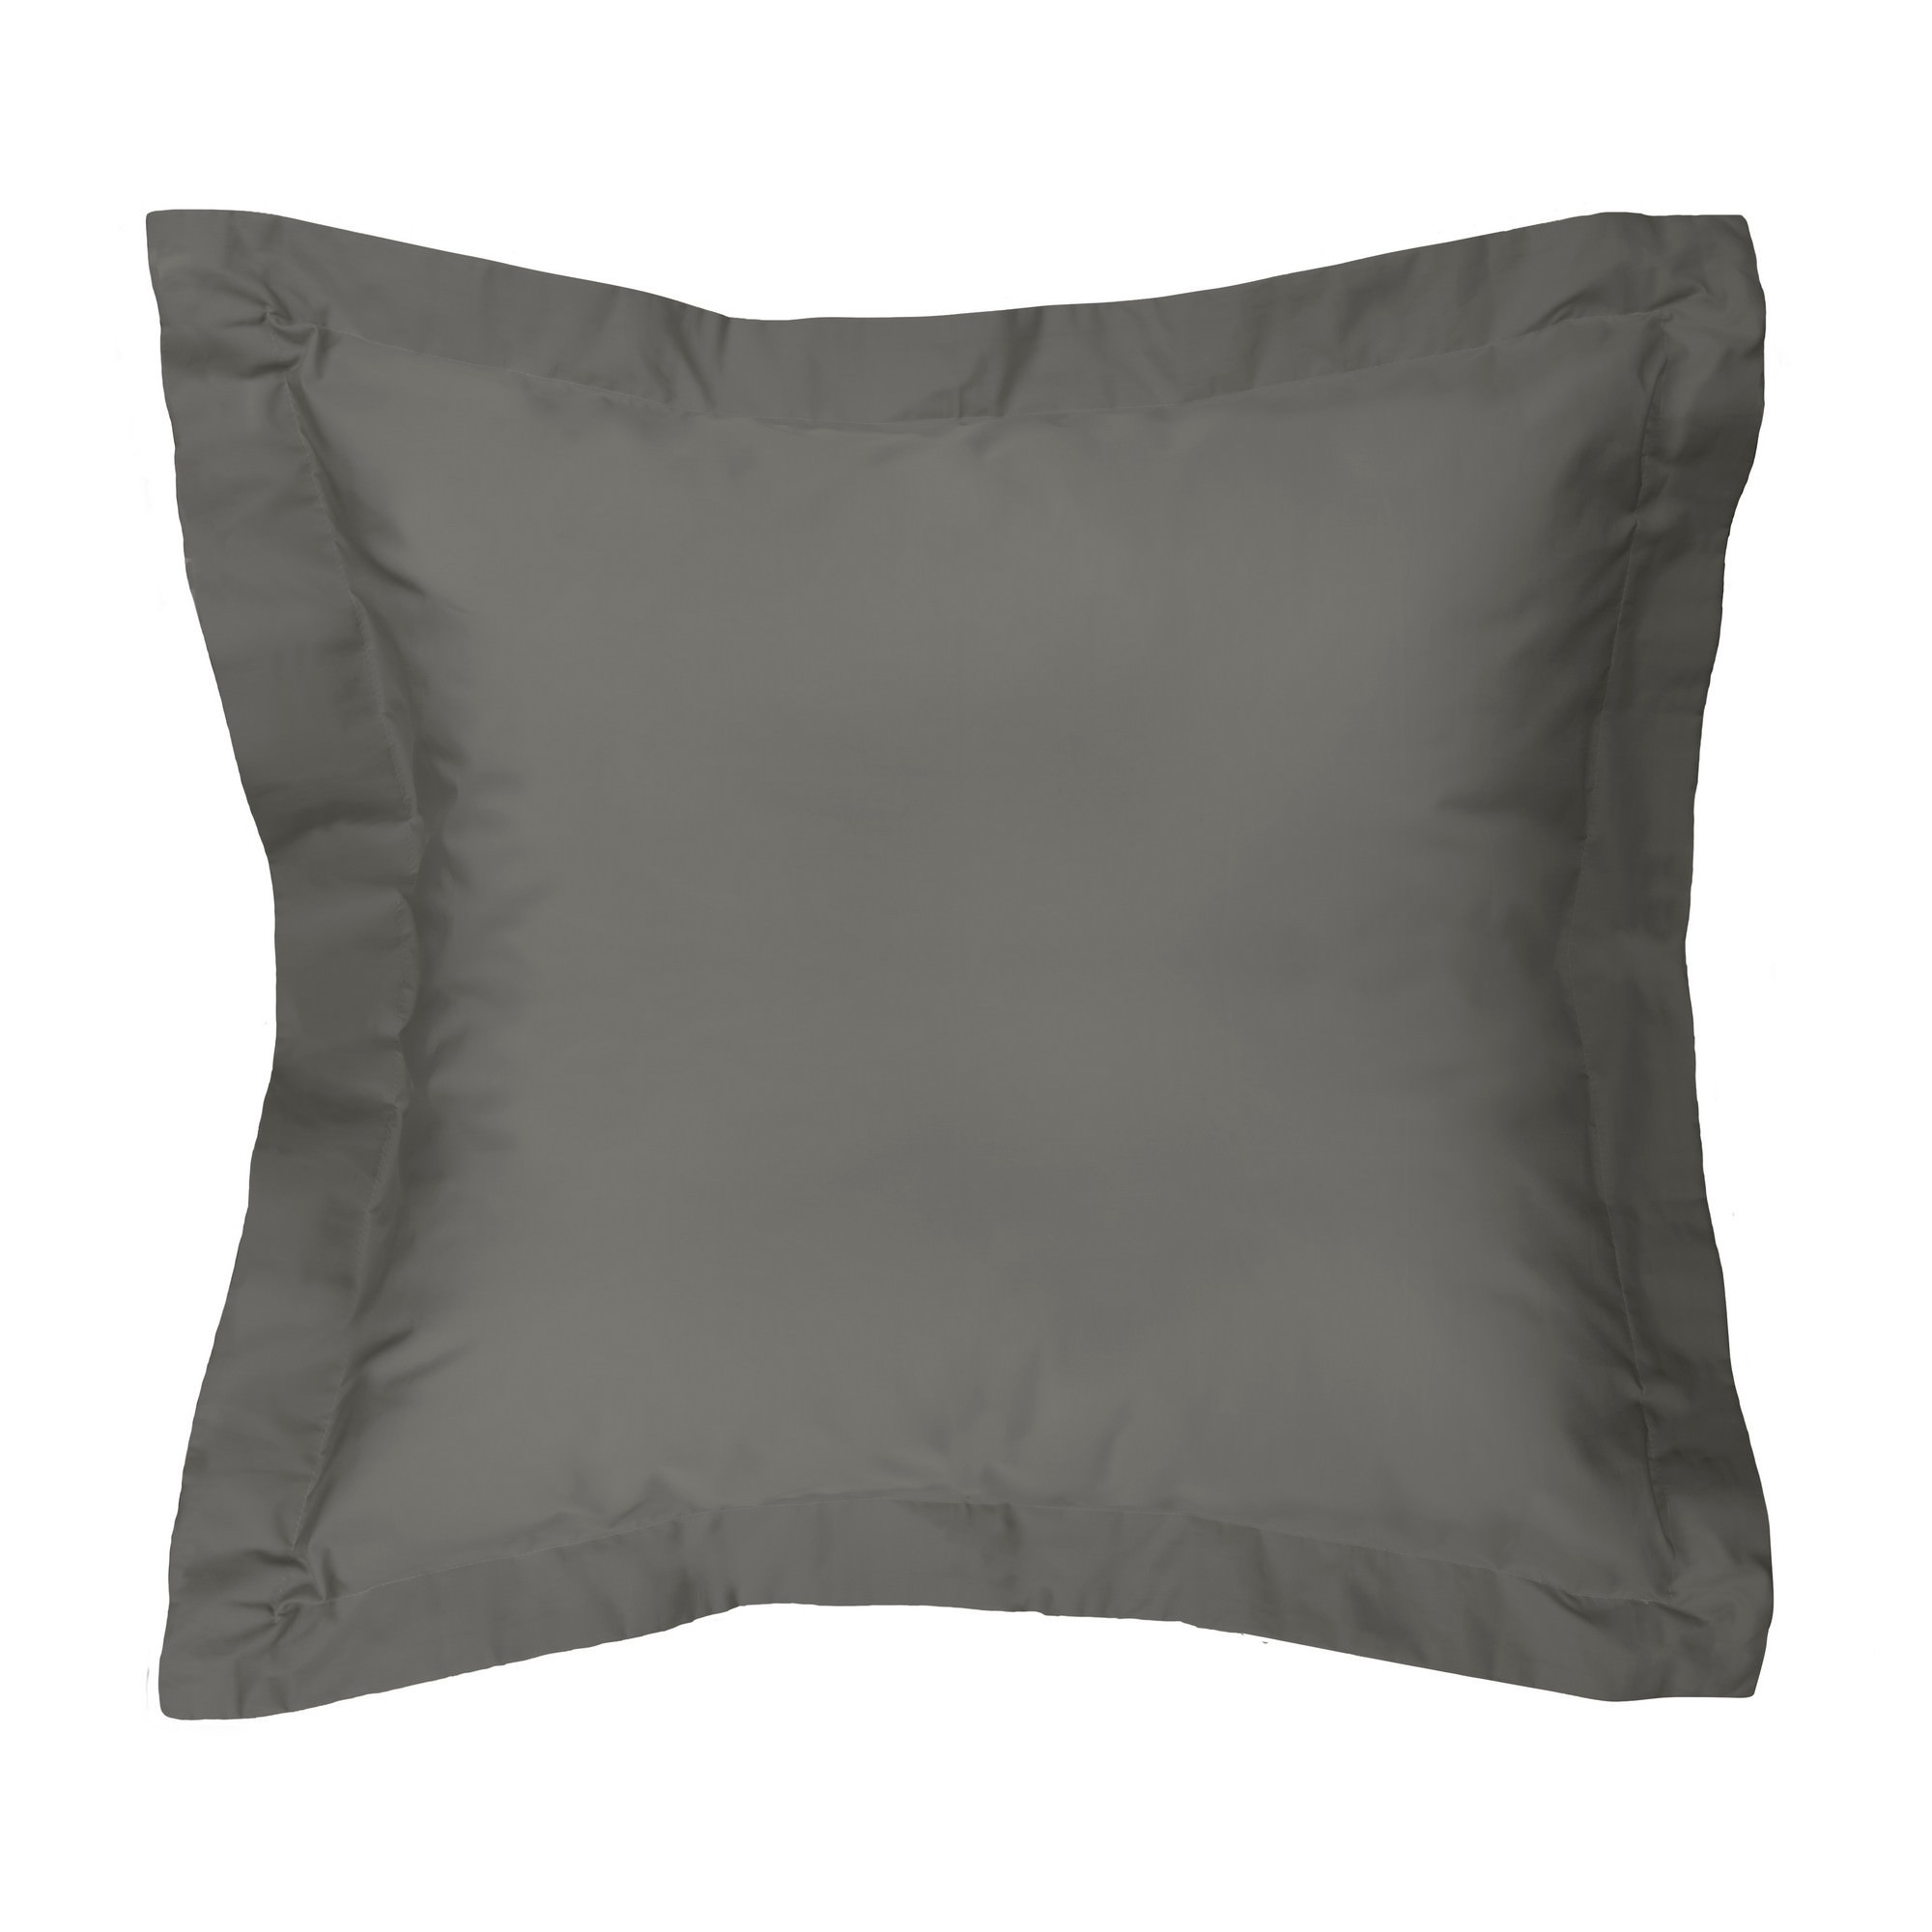 Moni Cotton Euro Pillowcase, Charcoal